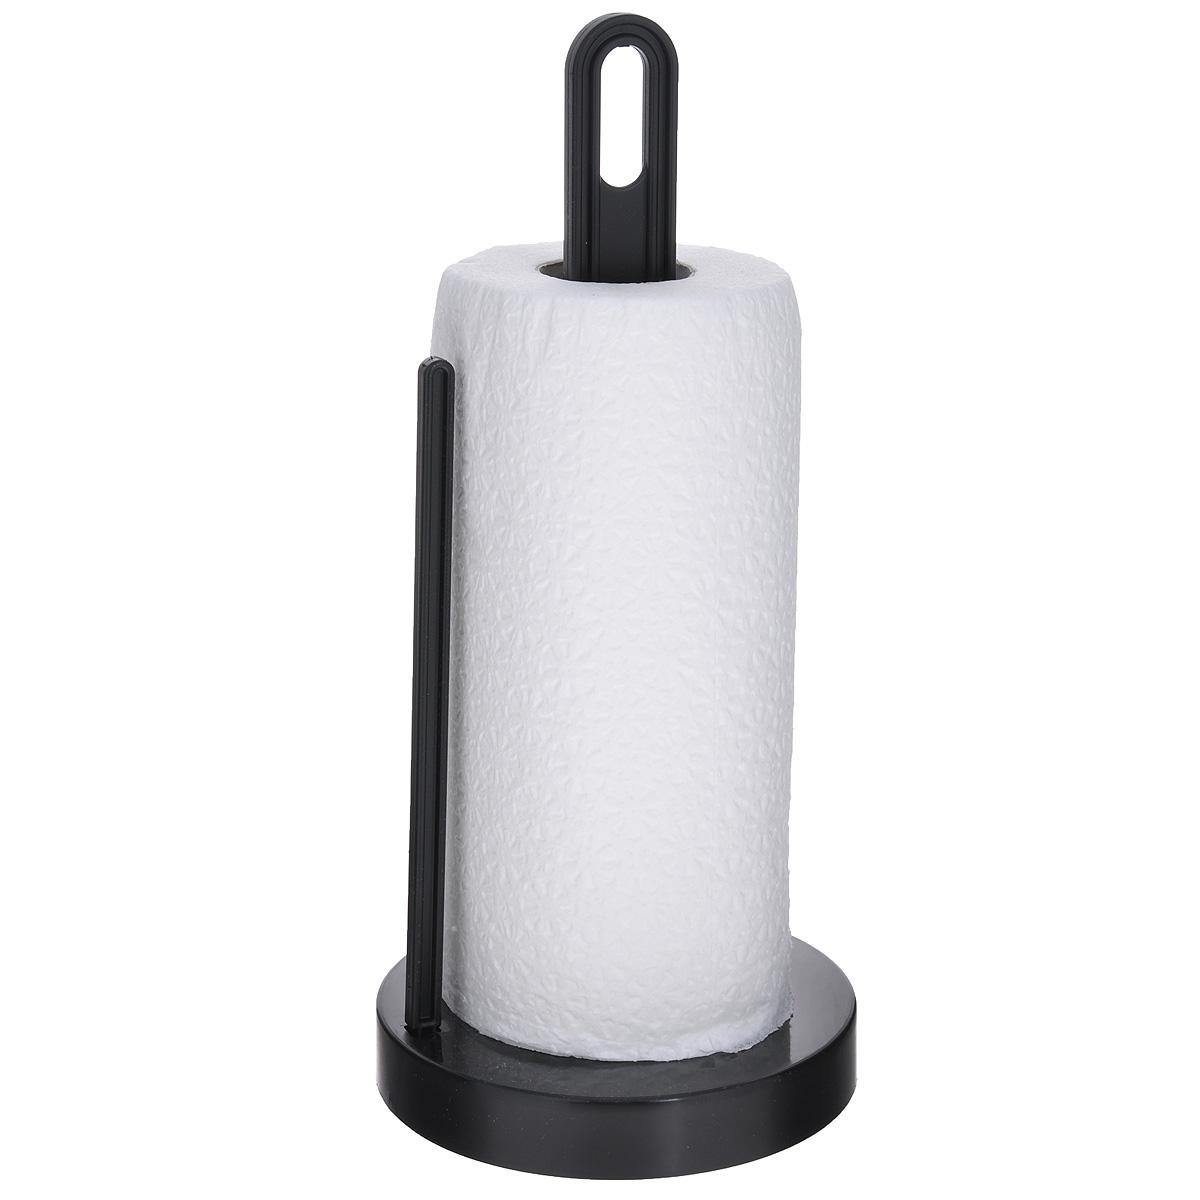 Держатель для бумажных полотенец Berossi Solo, цвет: черныйАС19305000Держатель Berossi Solo, изготовленный из высококачественного пластика, предназначен для бумажных полотенец. Изделие имеет широкое основание и оснащено зажимом, позволяющим без труда оторвать нужную длину полотенца. В комплекте - рулон бумажных полотенец.Такой держатель станет полезным аксессуаром в домашнем быту и идеально впишется в интерьер современной кухни.